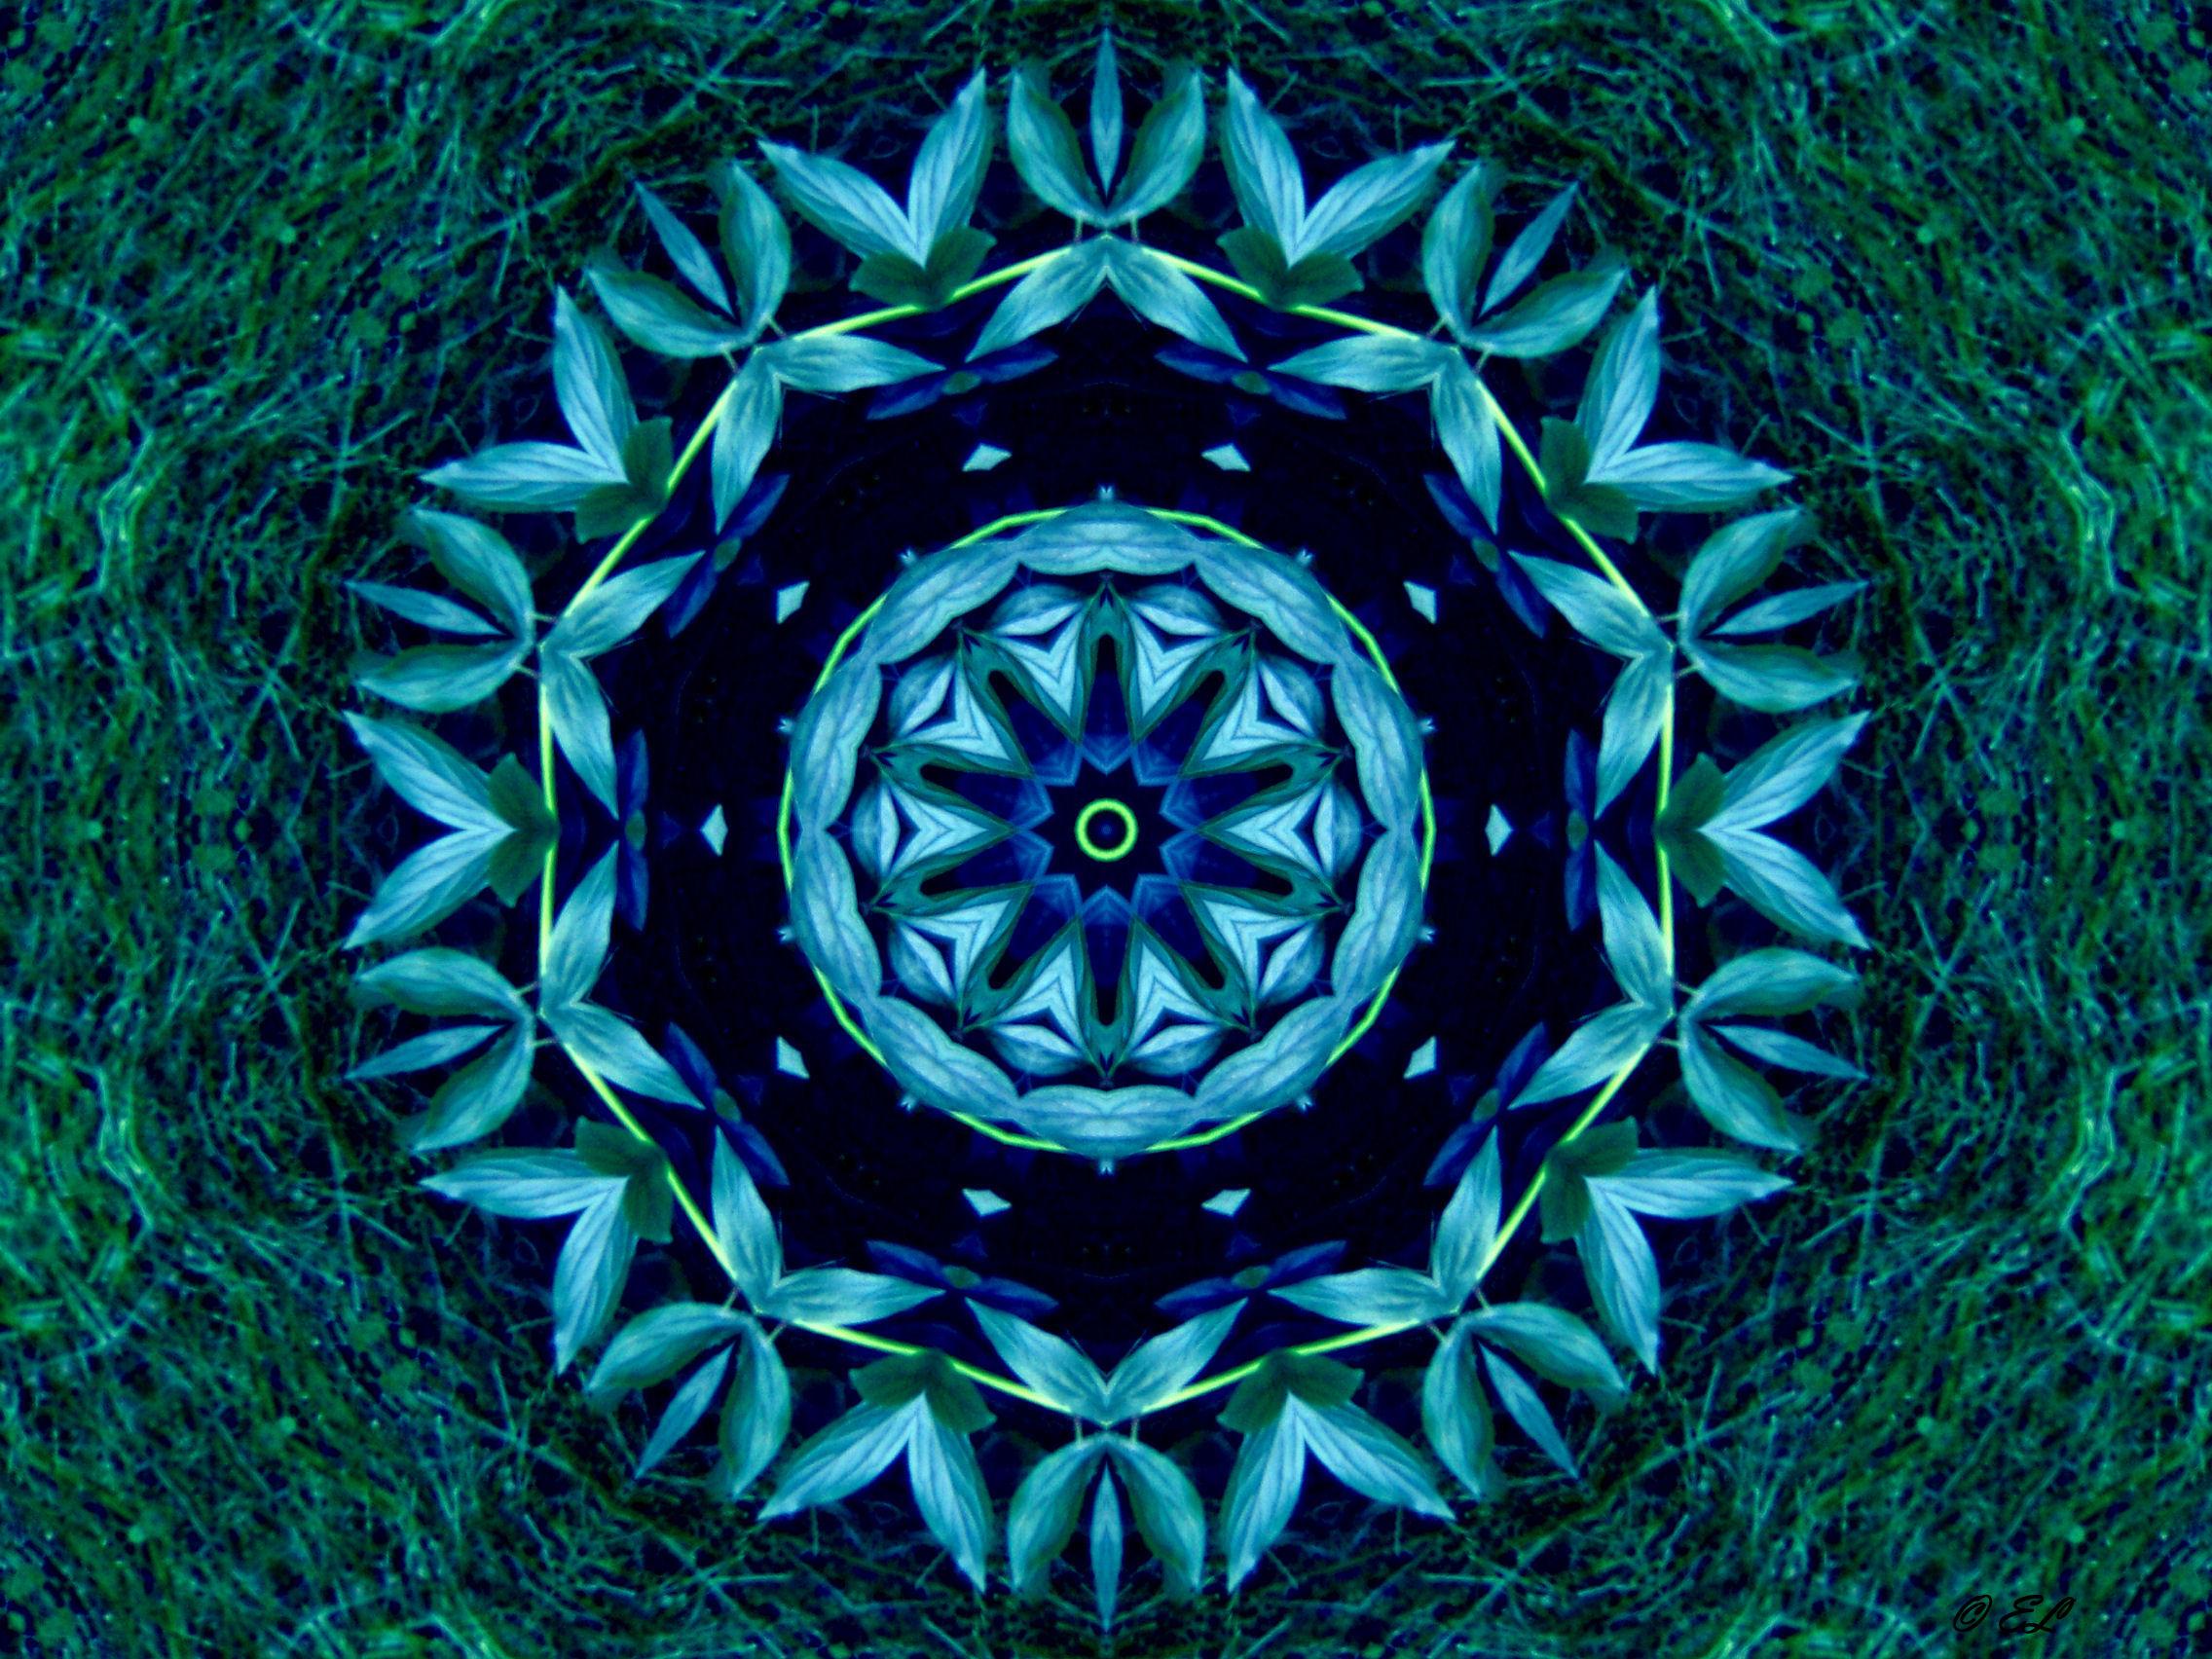 blue flower mandala image